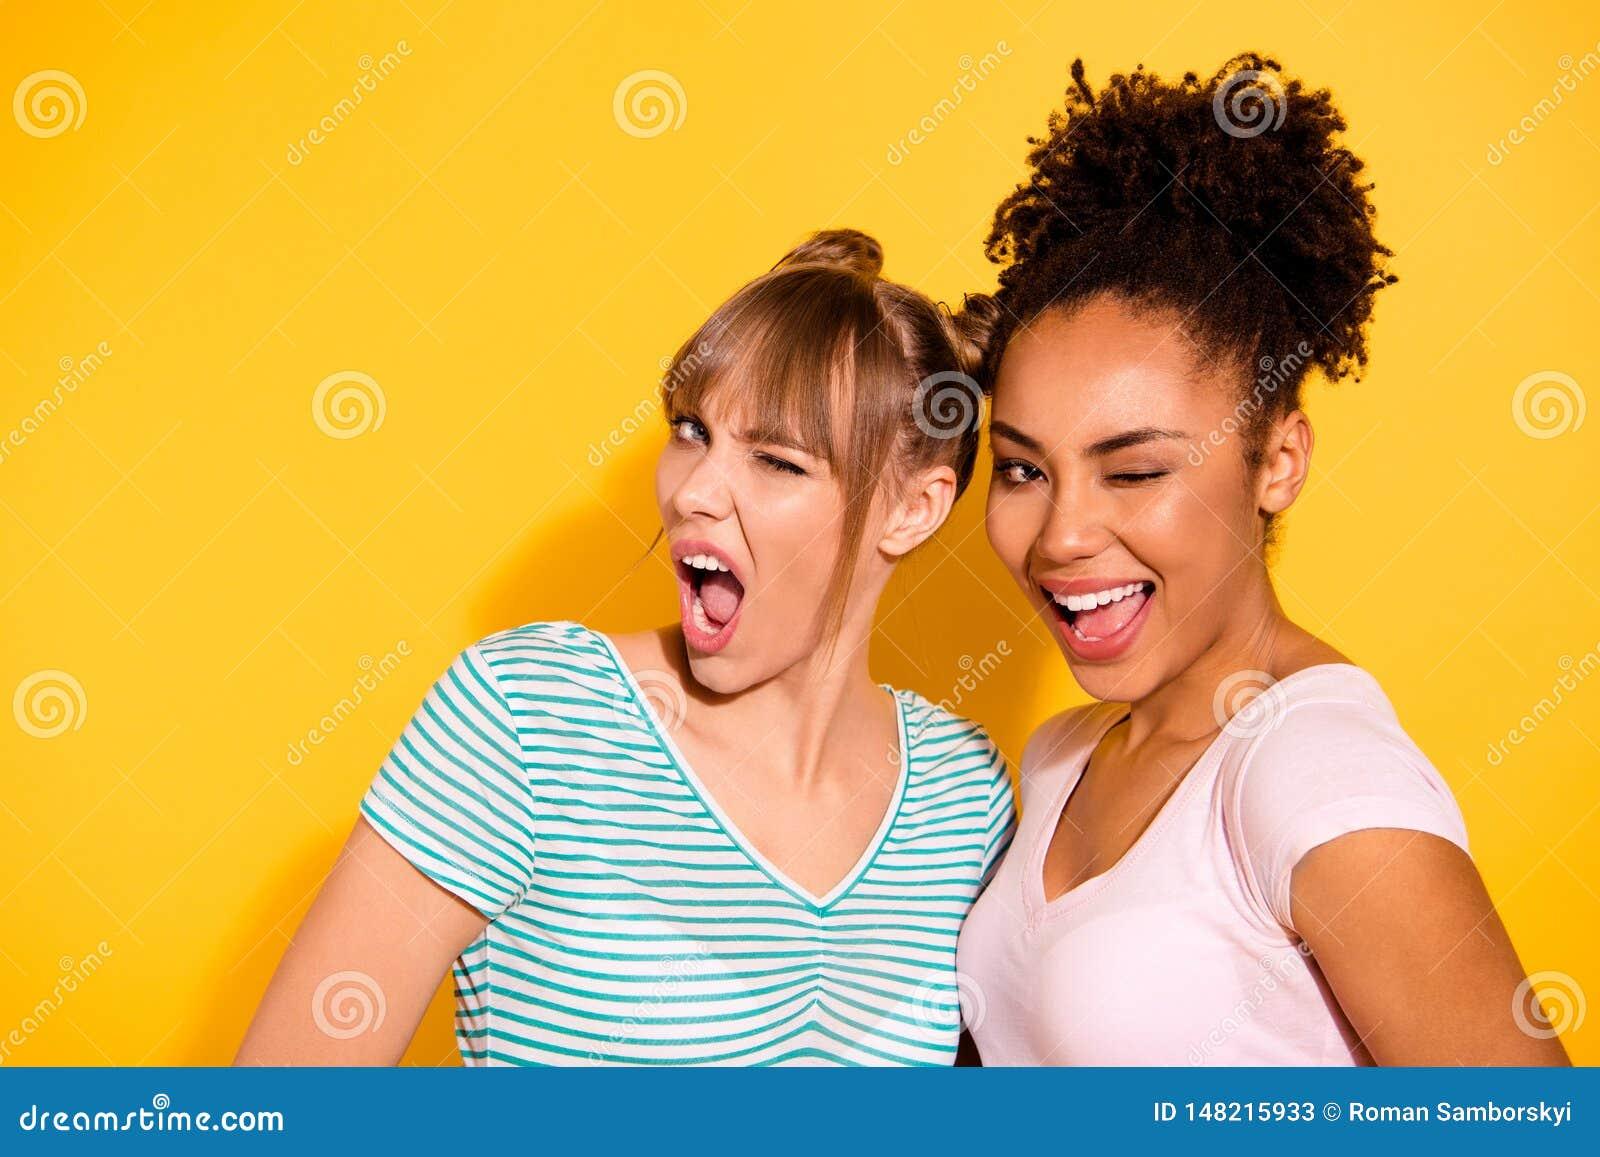 Закройте вверх фото красивое она ее дама моргает собратьям приятелей глаз положительным рот раскрыл возбужденные различные национ